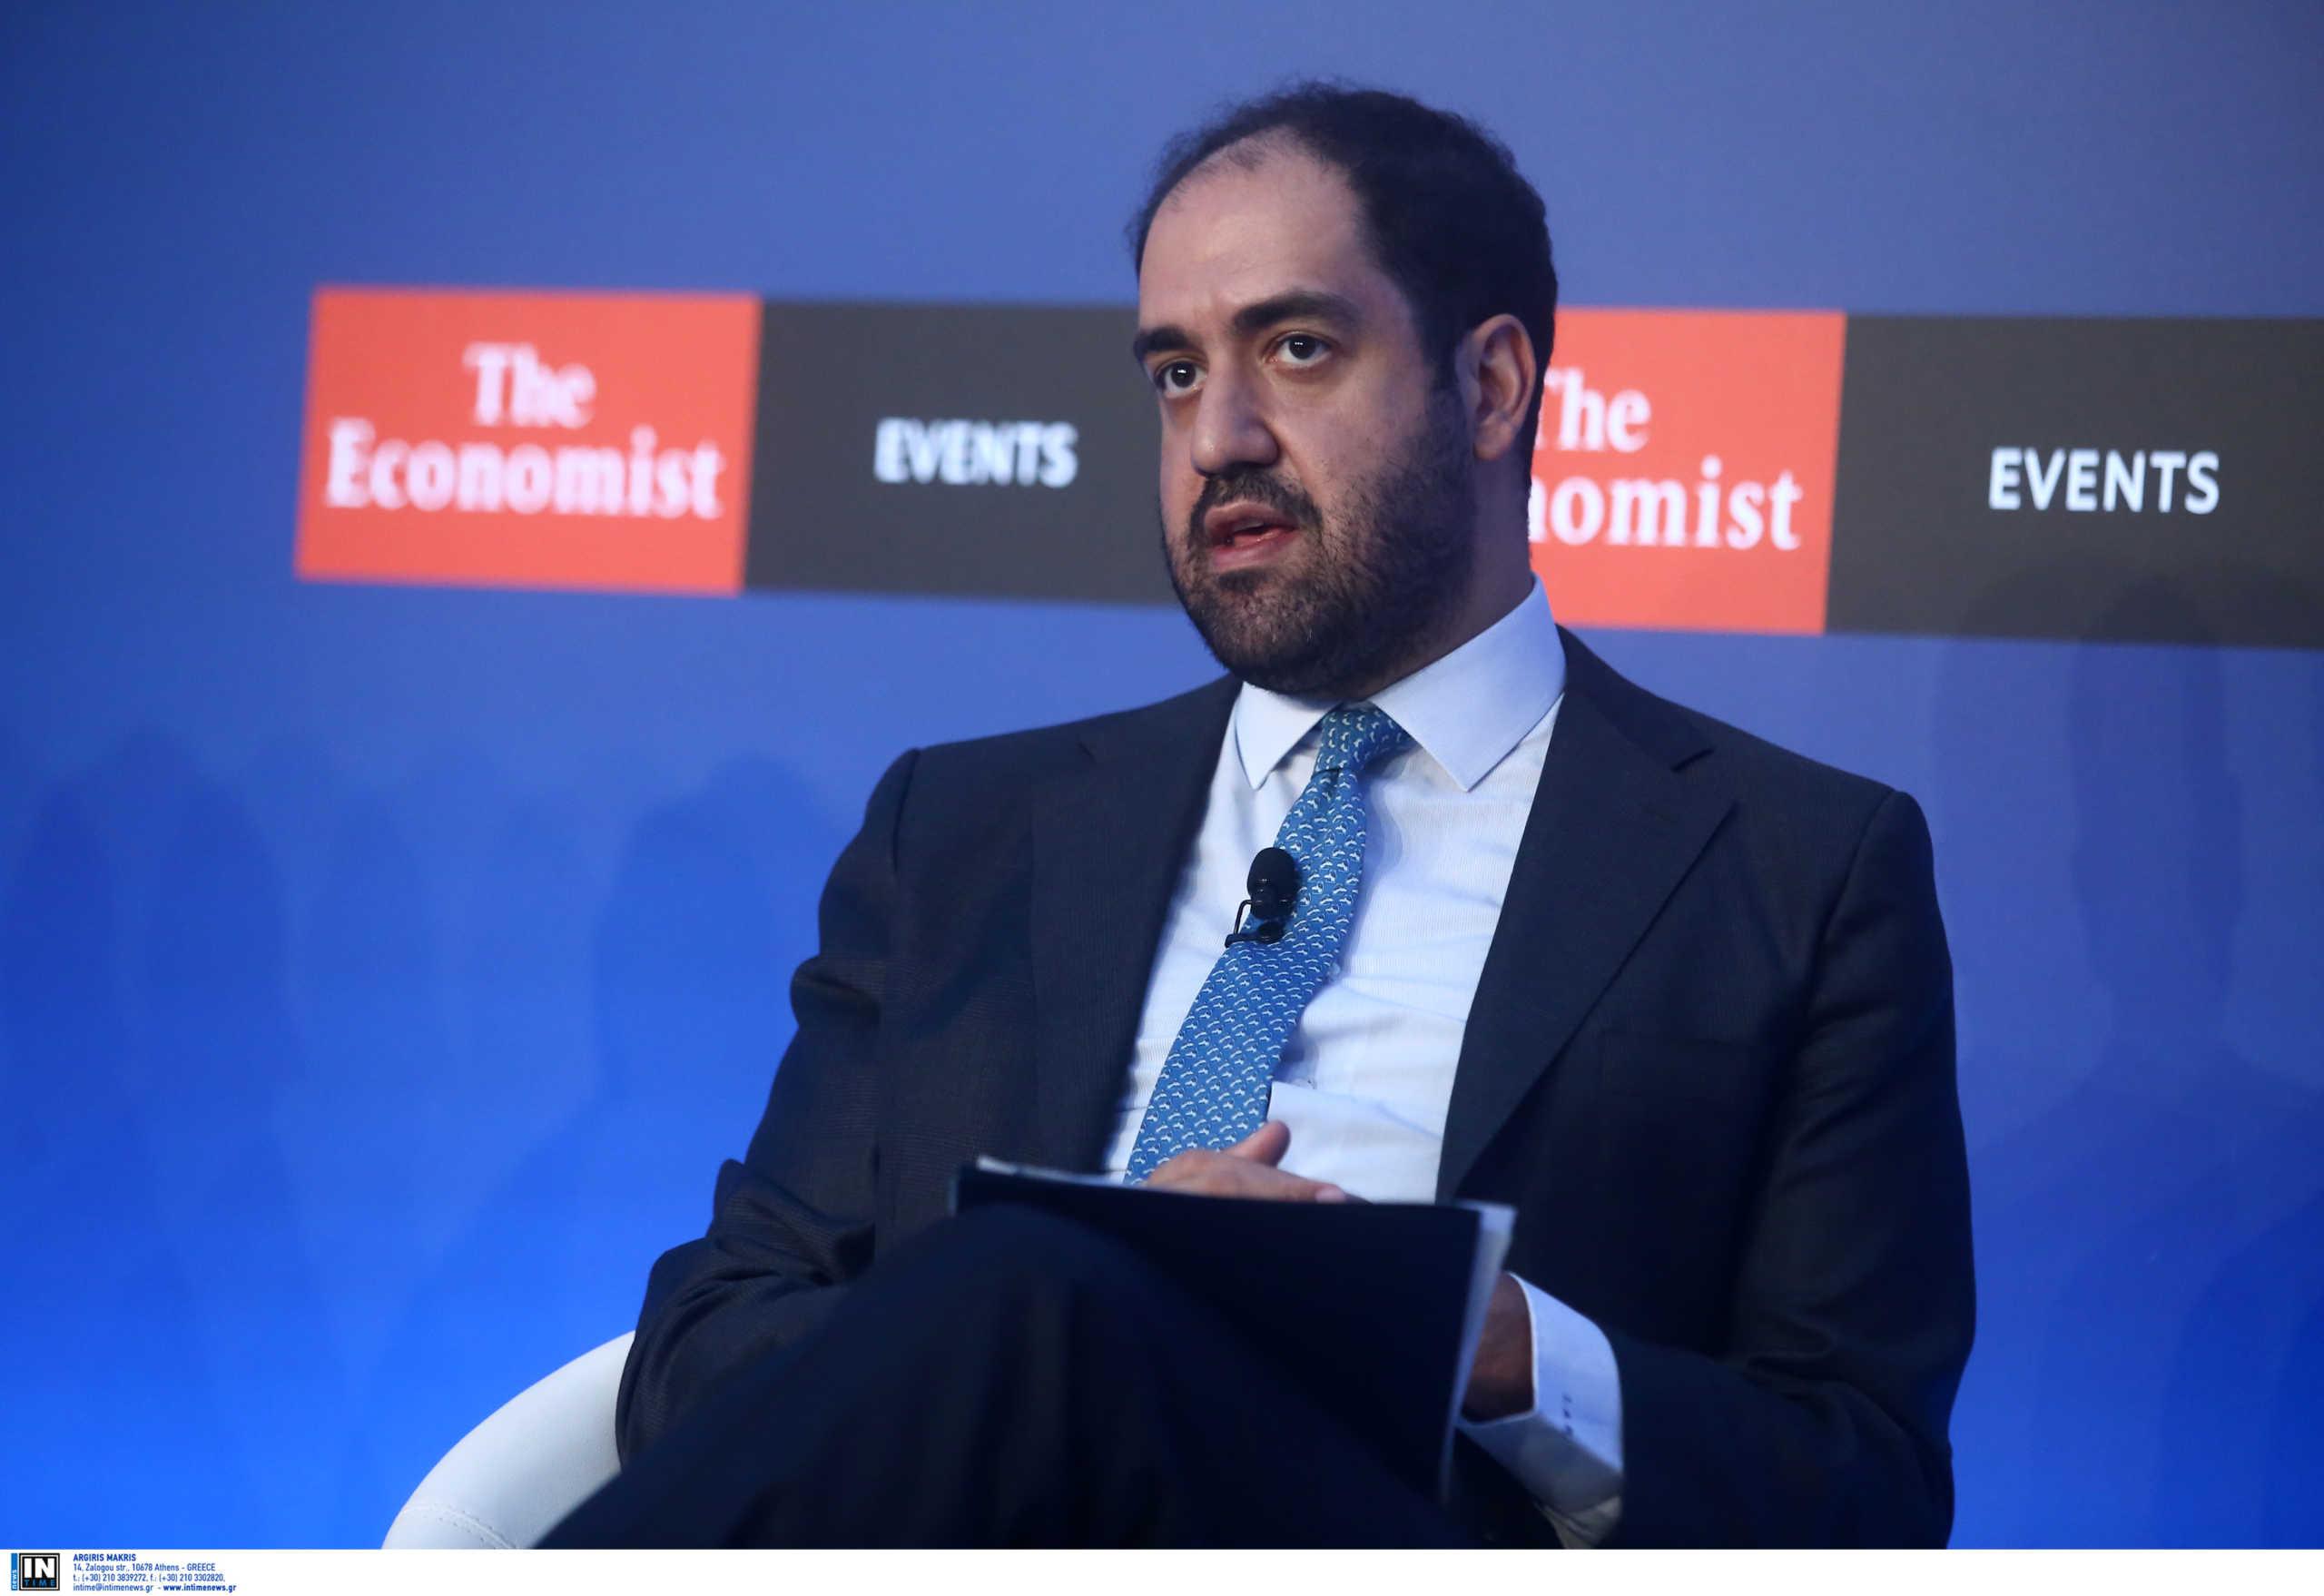 """Κρήτη: """"Στις προτεραιότητες της κυβέρνησης η ολοκλήρωση των διαδικασιών για τη δημοπράτηση του ΒΟΑΚ"""""""